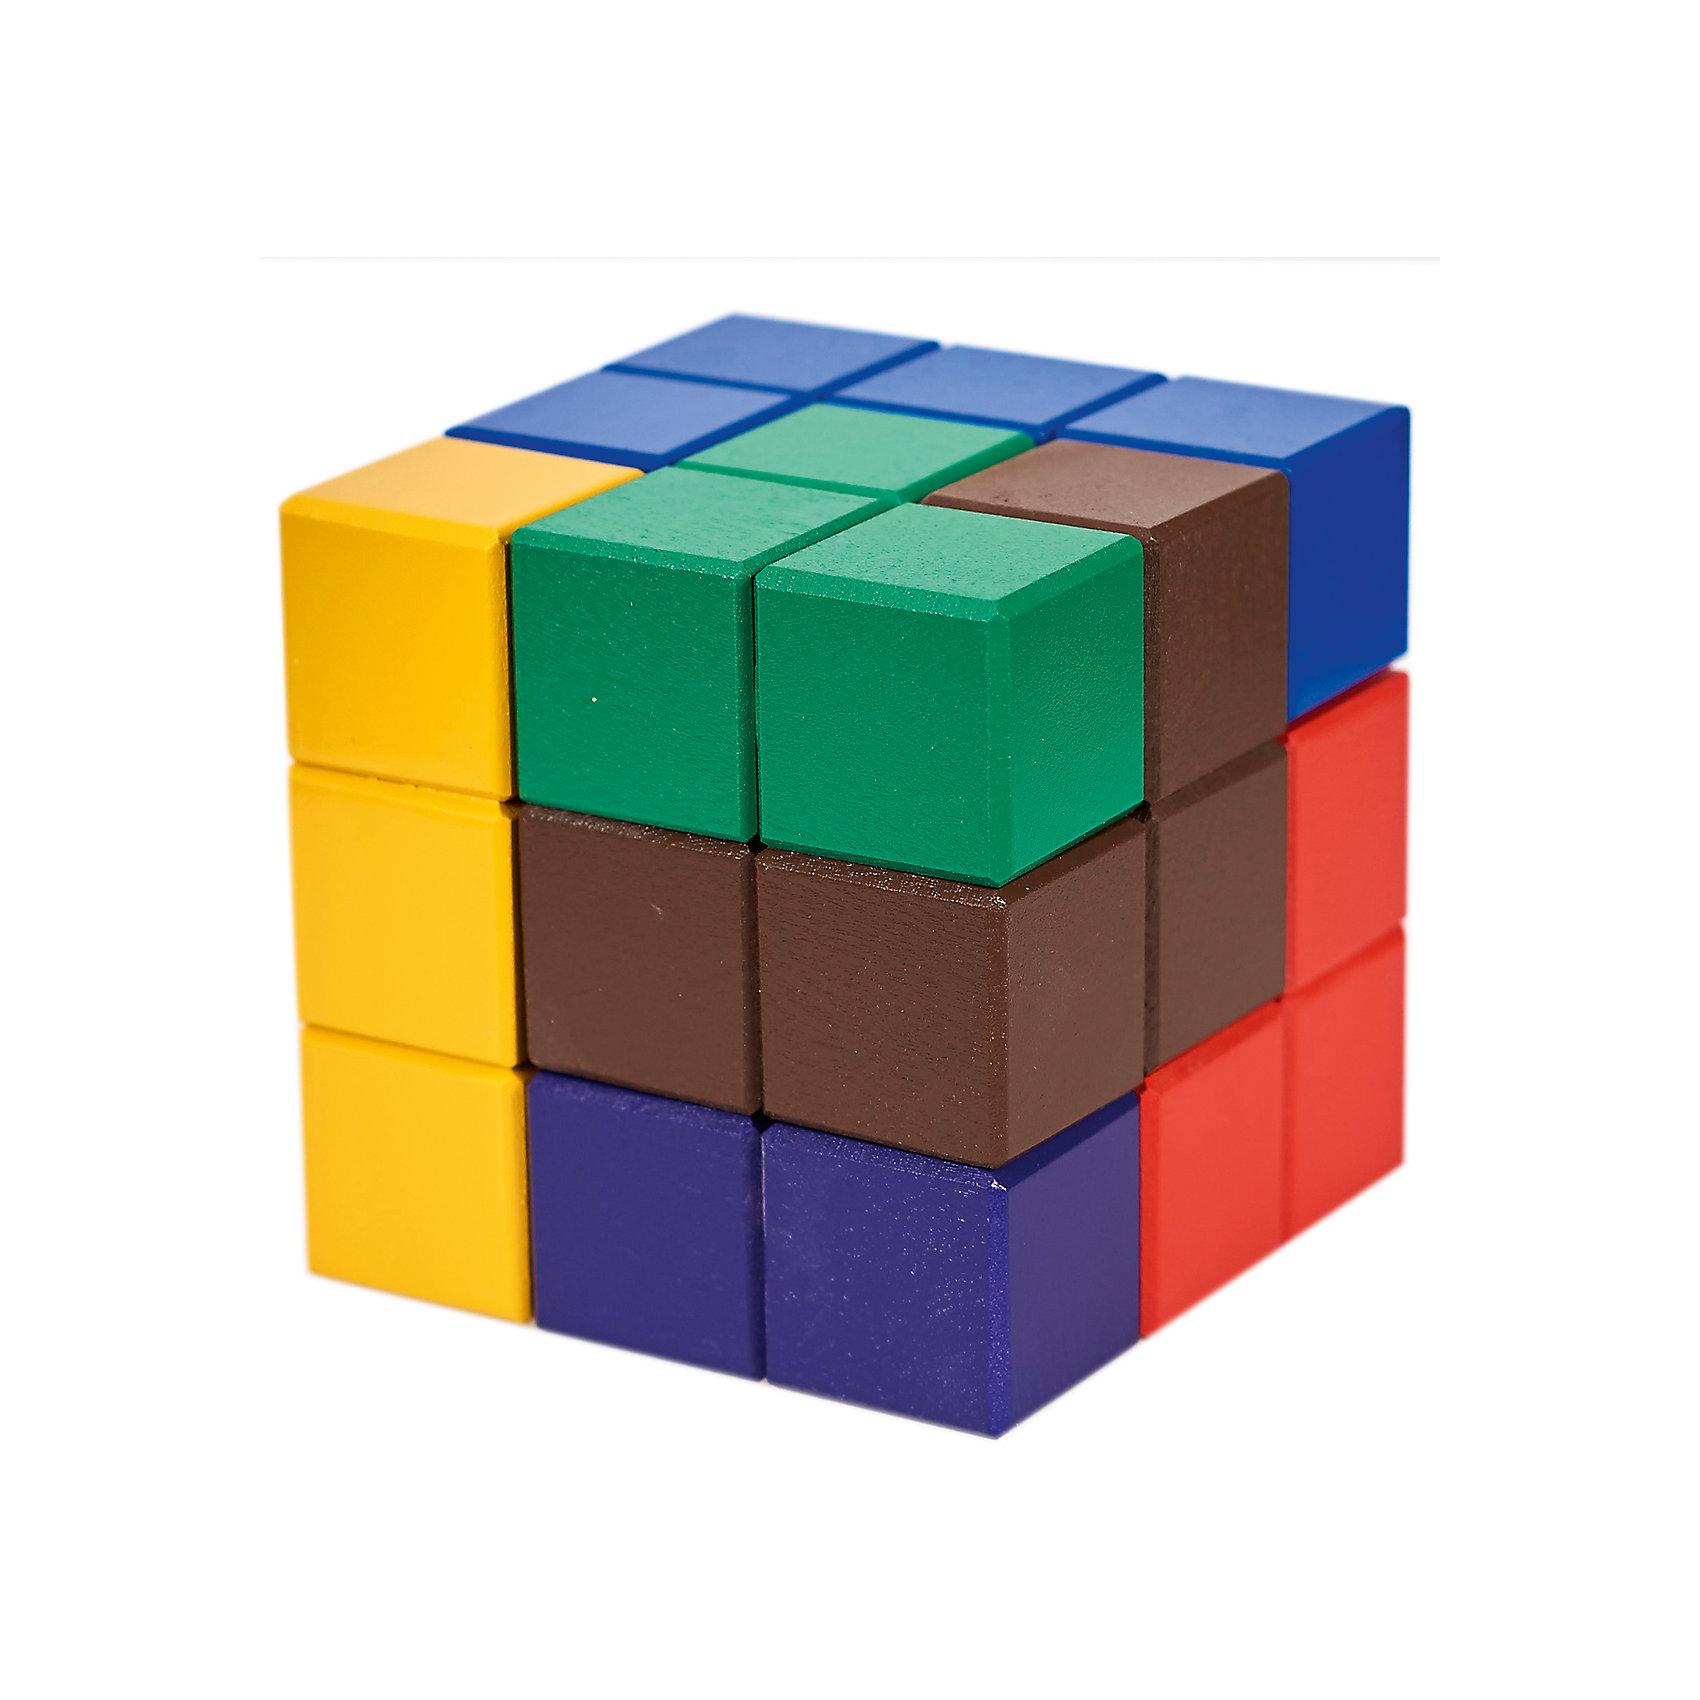 Кубики для всех, (коробка картон), Световид от myToys